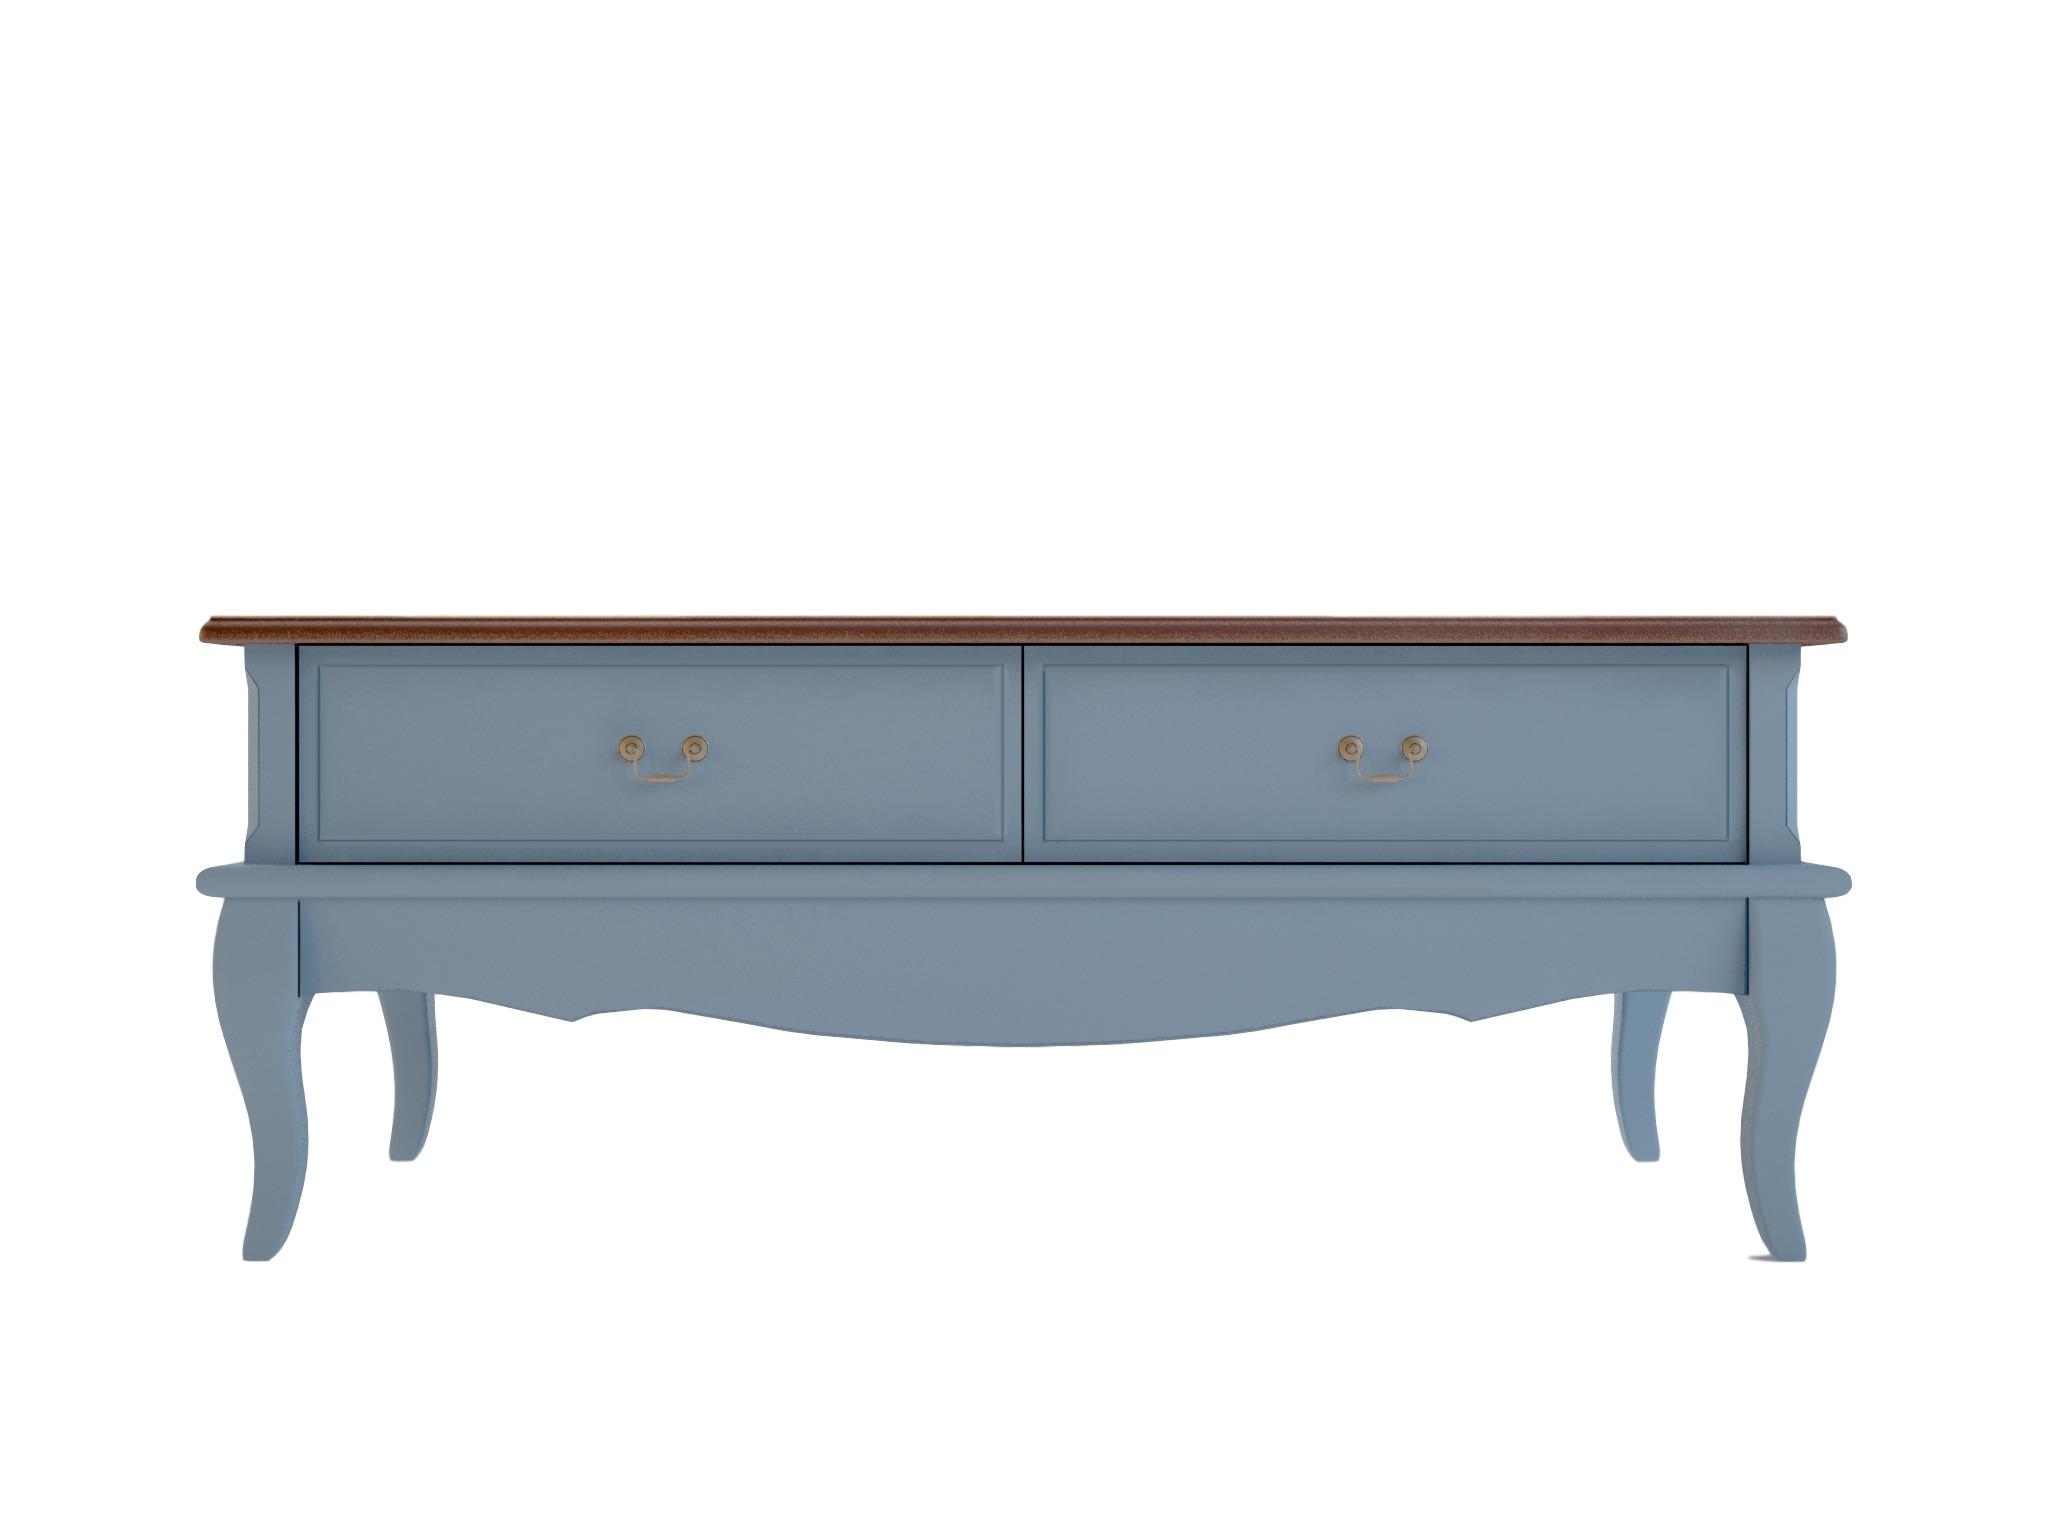 Стол журнальный Leontina голубойЖурнальные столики<br>&amp;lt;div&amp;gt;Количество ящиков: 2&amp;lt;/div&amp;gt;<br><br>Material: Береза<br>Ширина см: 120<br>Высота см: 47<br>Глубина см: 60